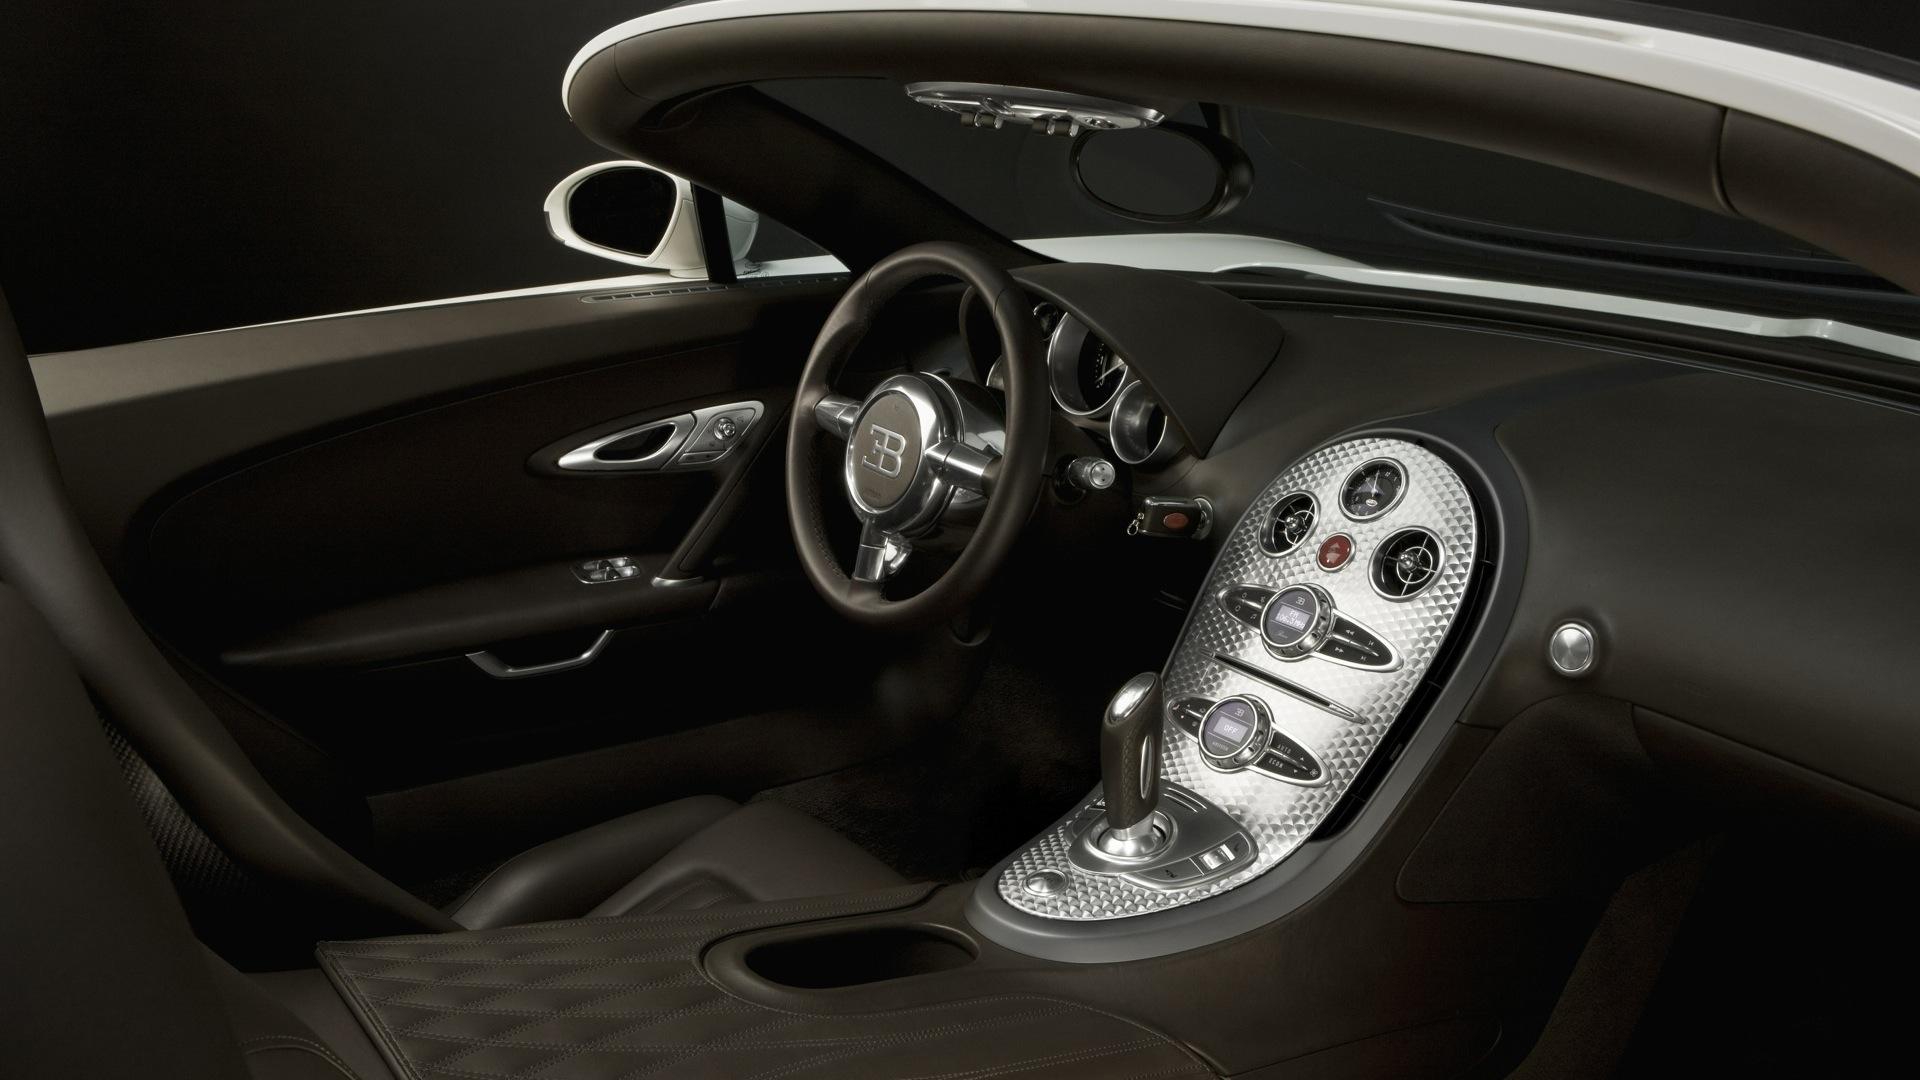 Bugatti Veyron Interior Interior Car Photos - Overdrive